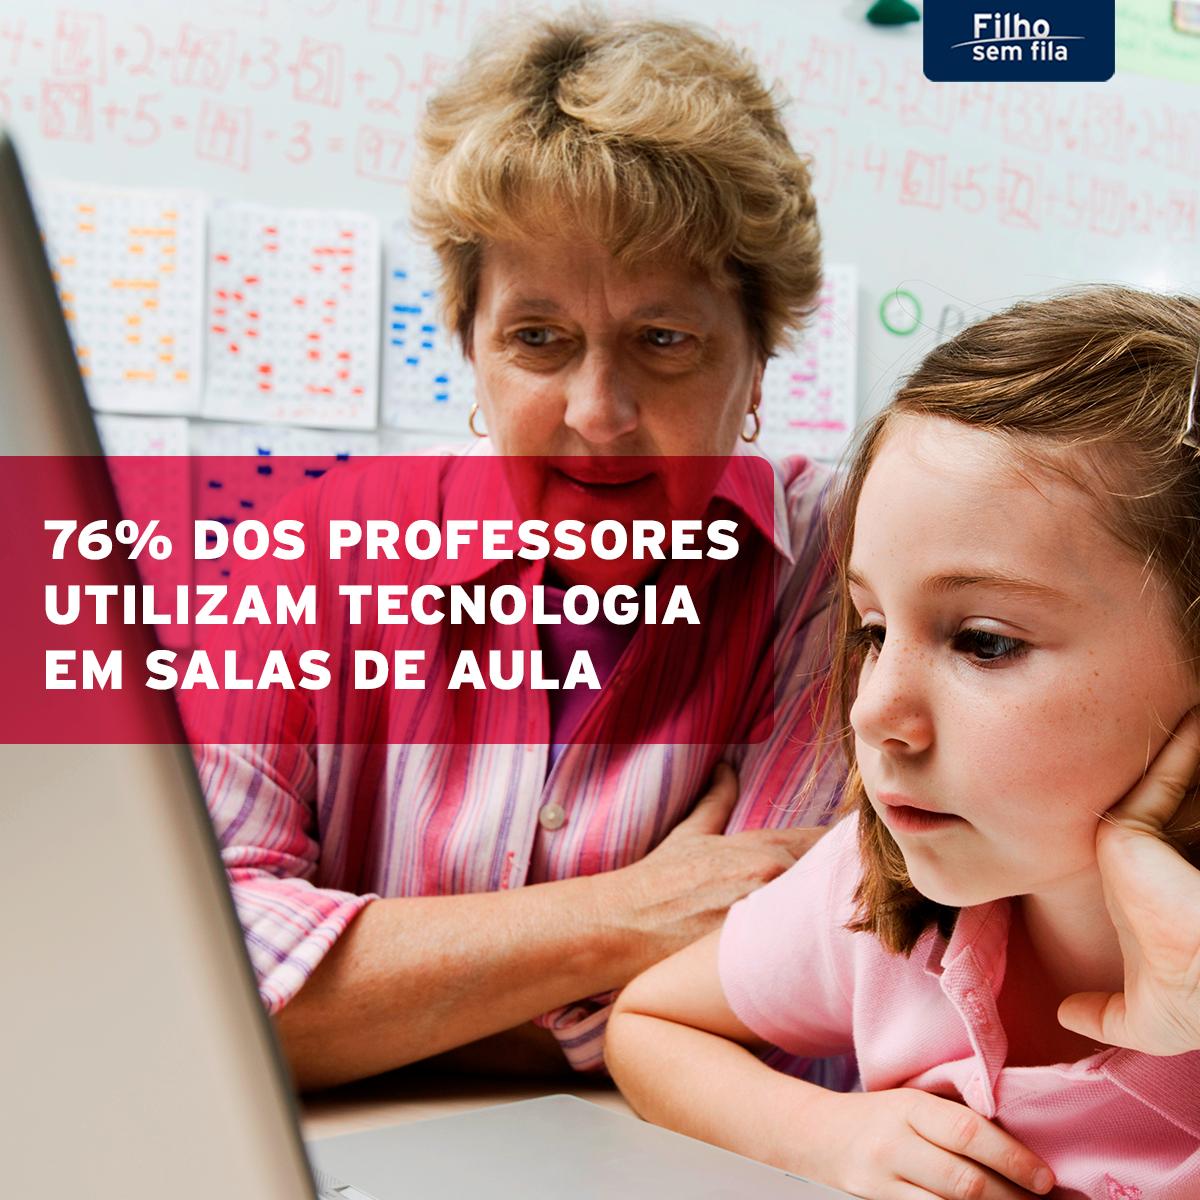 Tecnologia nas salas de aula